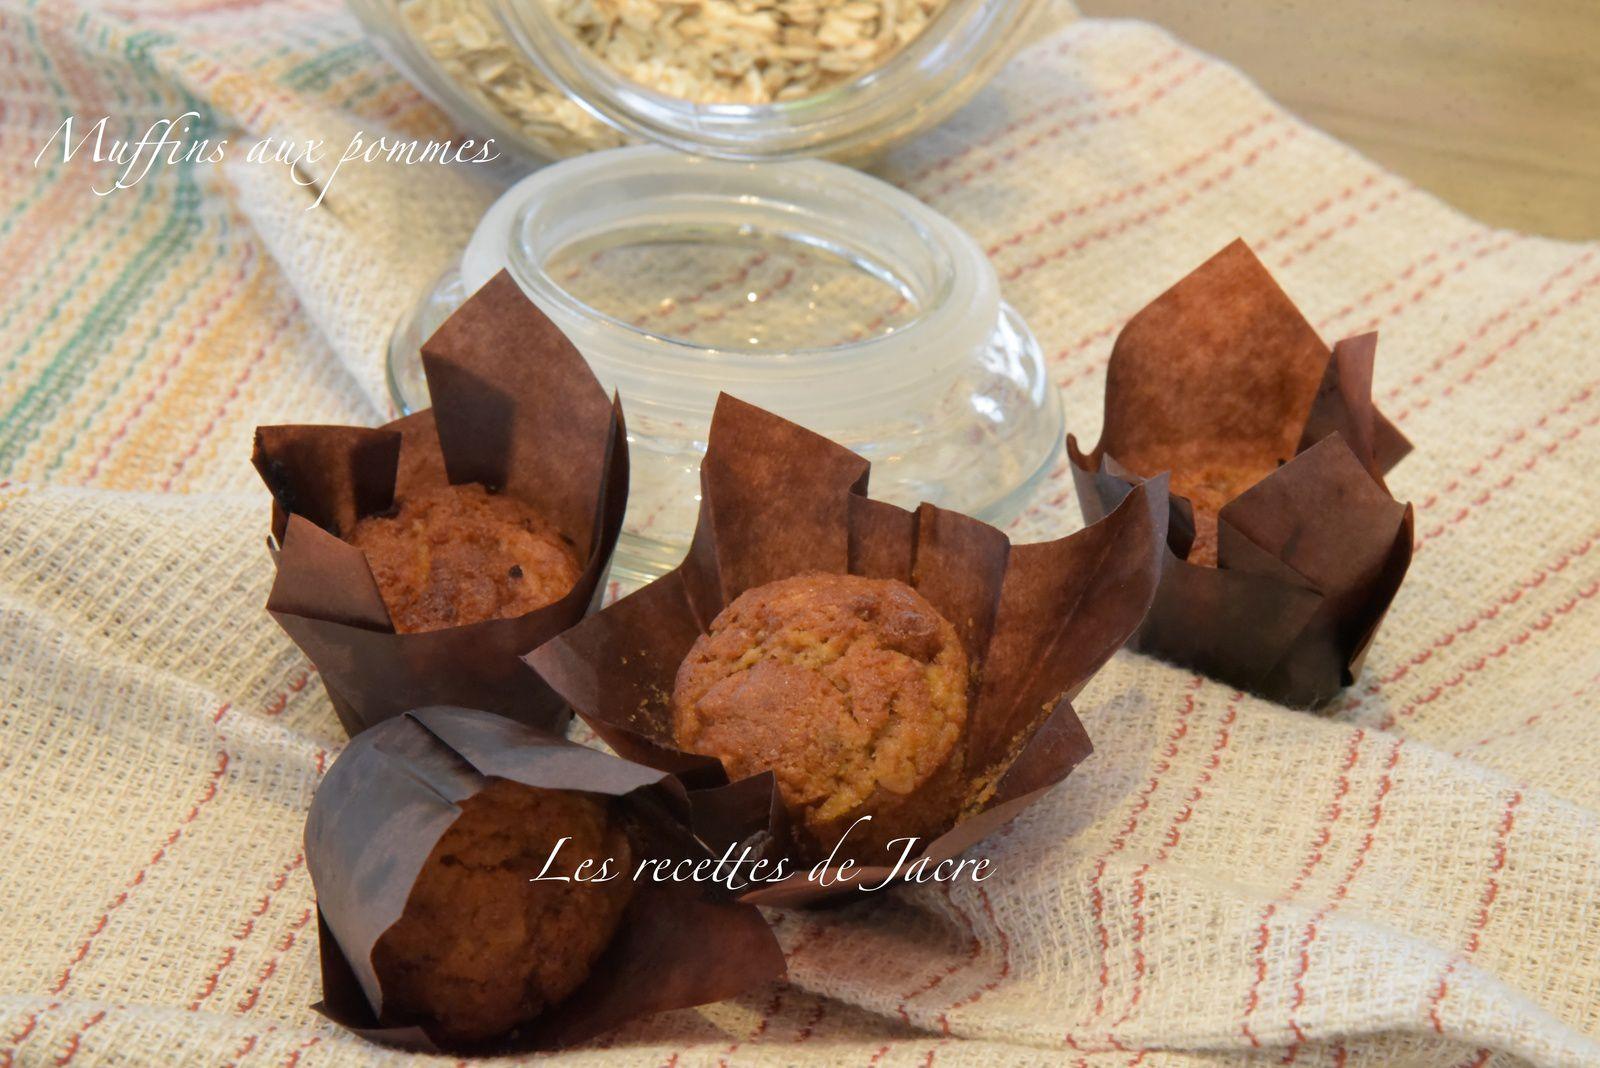 muffins aux pommes râpées et flocons d'avoine